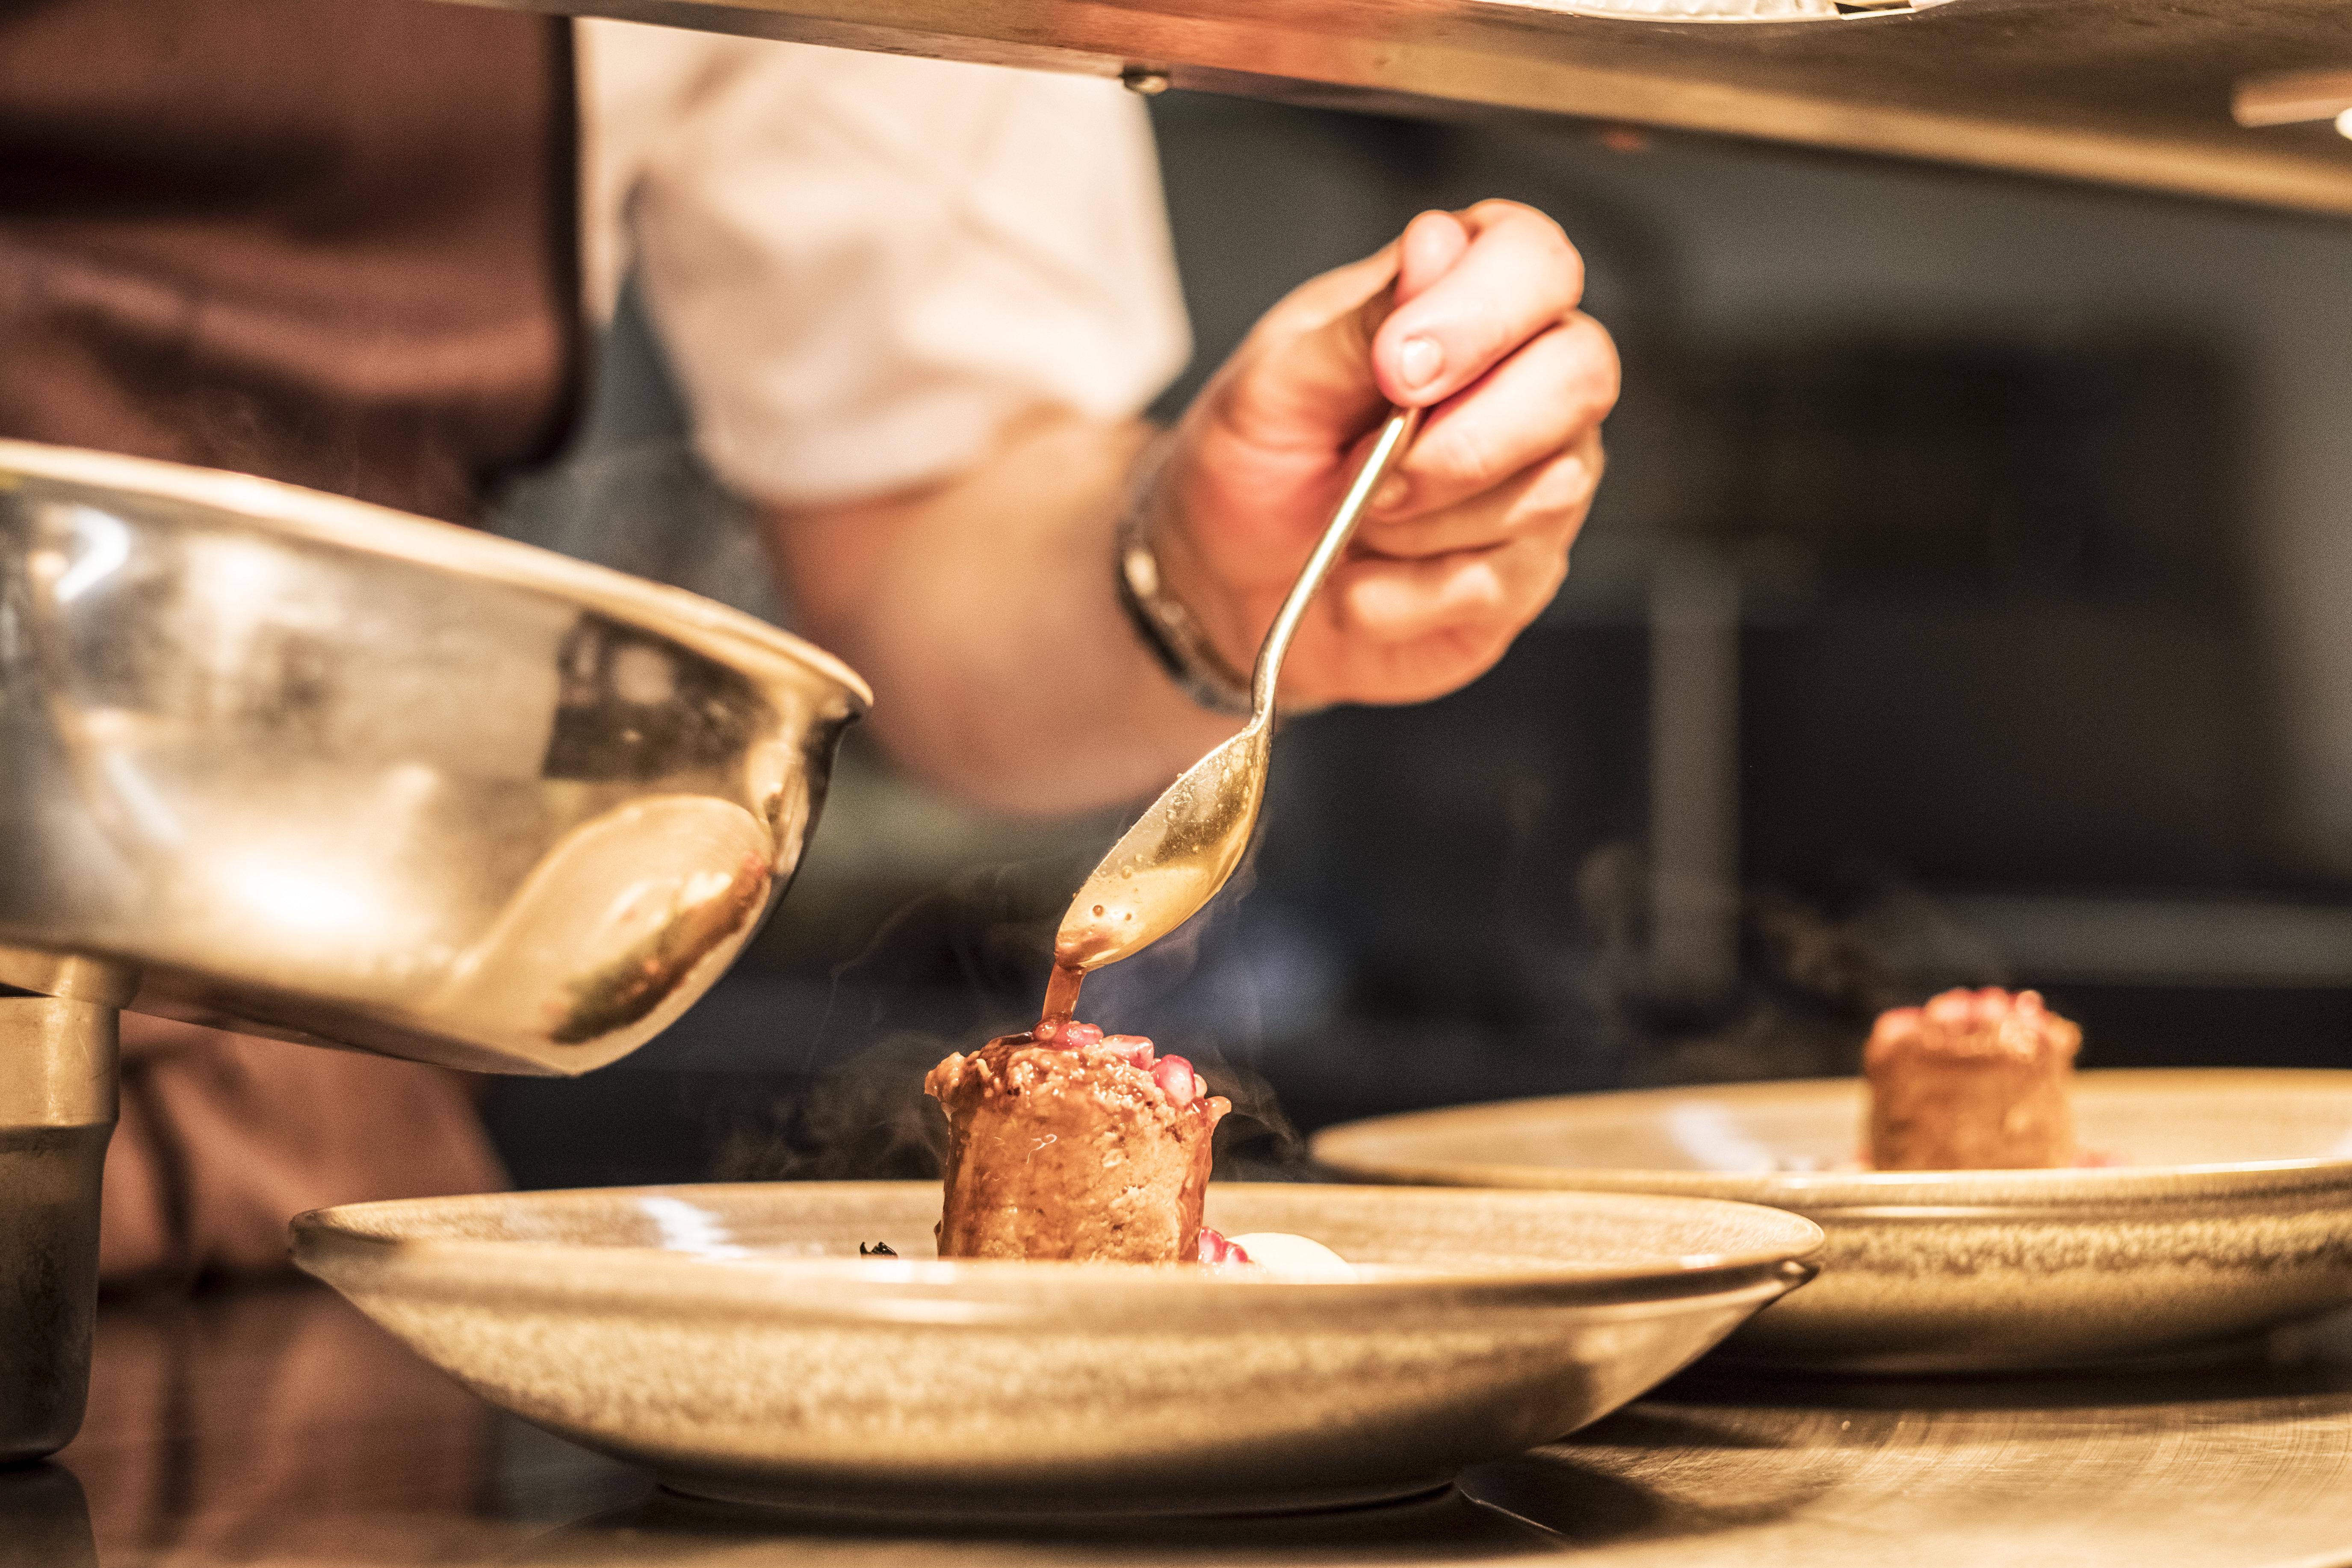 Κρίστοφ Ρίμπατ: «Το φαγητό είναι το λιγότερο απ' όλα όσα συμβαίνουν σ' ένα